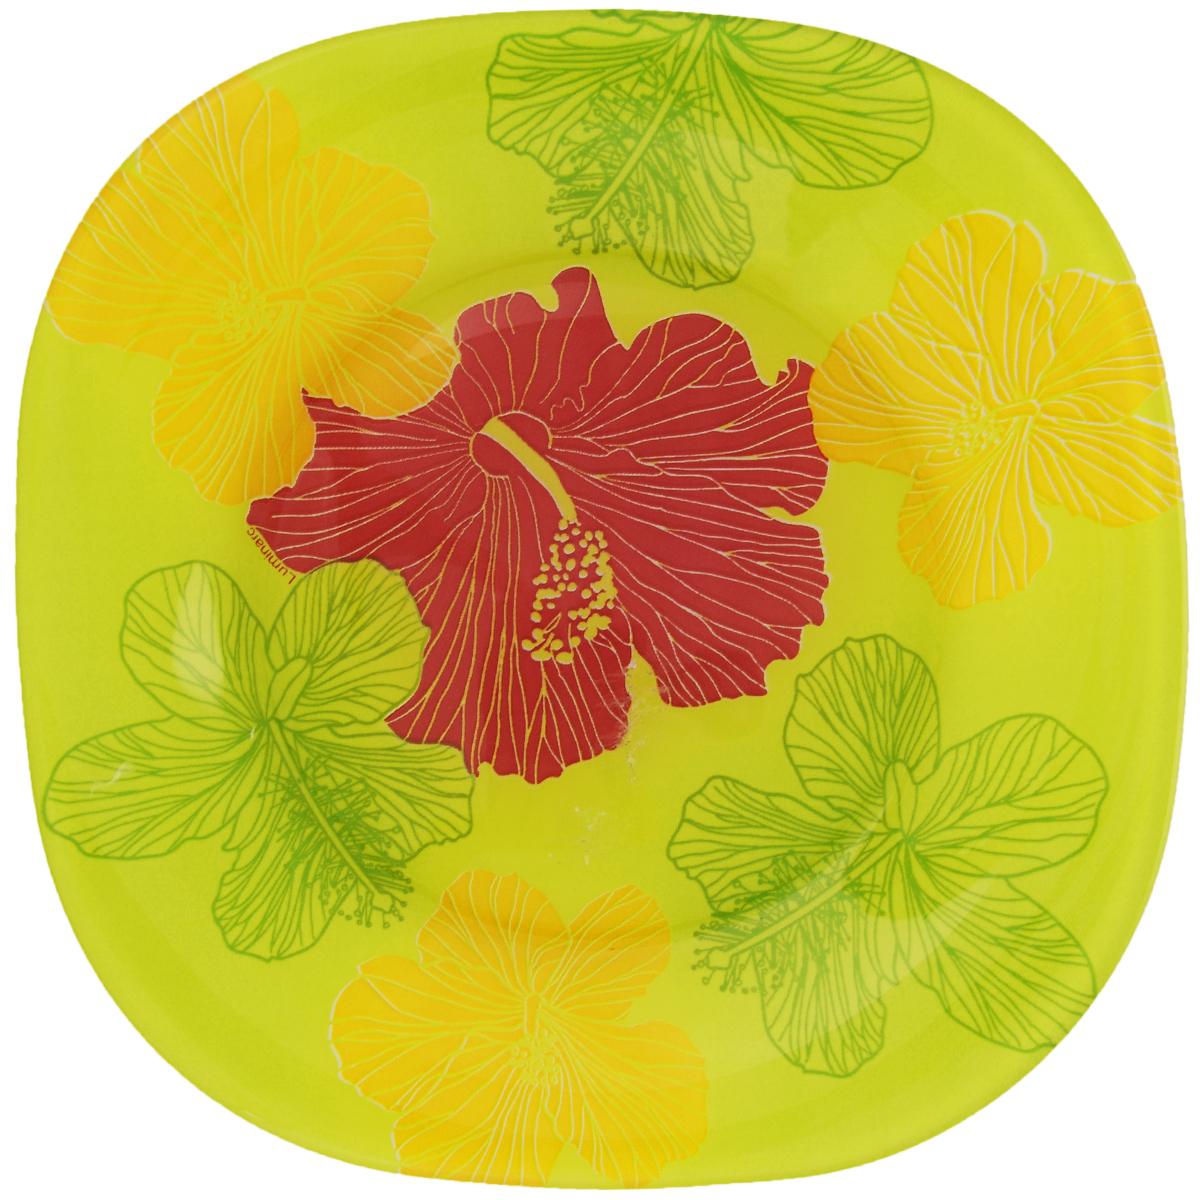 Тарелка десертная Luminarc Hibiscus Green, 18 х 18 смG0076Десертная тарелка Luminarc Hibiscus Green, изготовленная из ударопрочного стекла, имеет изысканный внешний вид. Такая тарелка прекрасно подходит как для торжественных случаев, так и для повседневного использования. Идеальна для подачи десертов, пирожных, тортов и многого другого. Она прекрасно оформит стол и станет отличным дополнением к вашей коллекции кухонной посуды. Размер тарелки (по верхнему краю): 18 х 18 см.